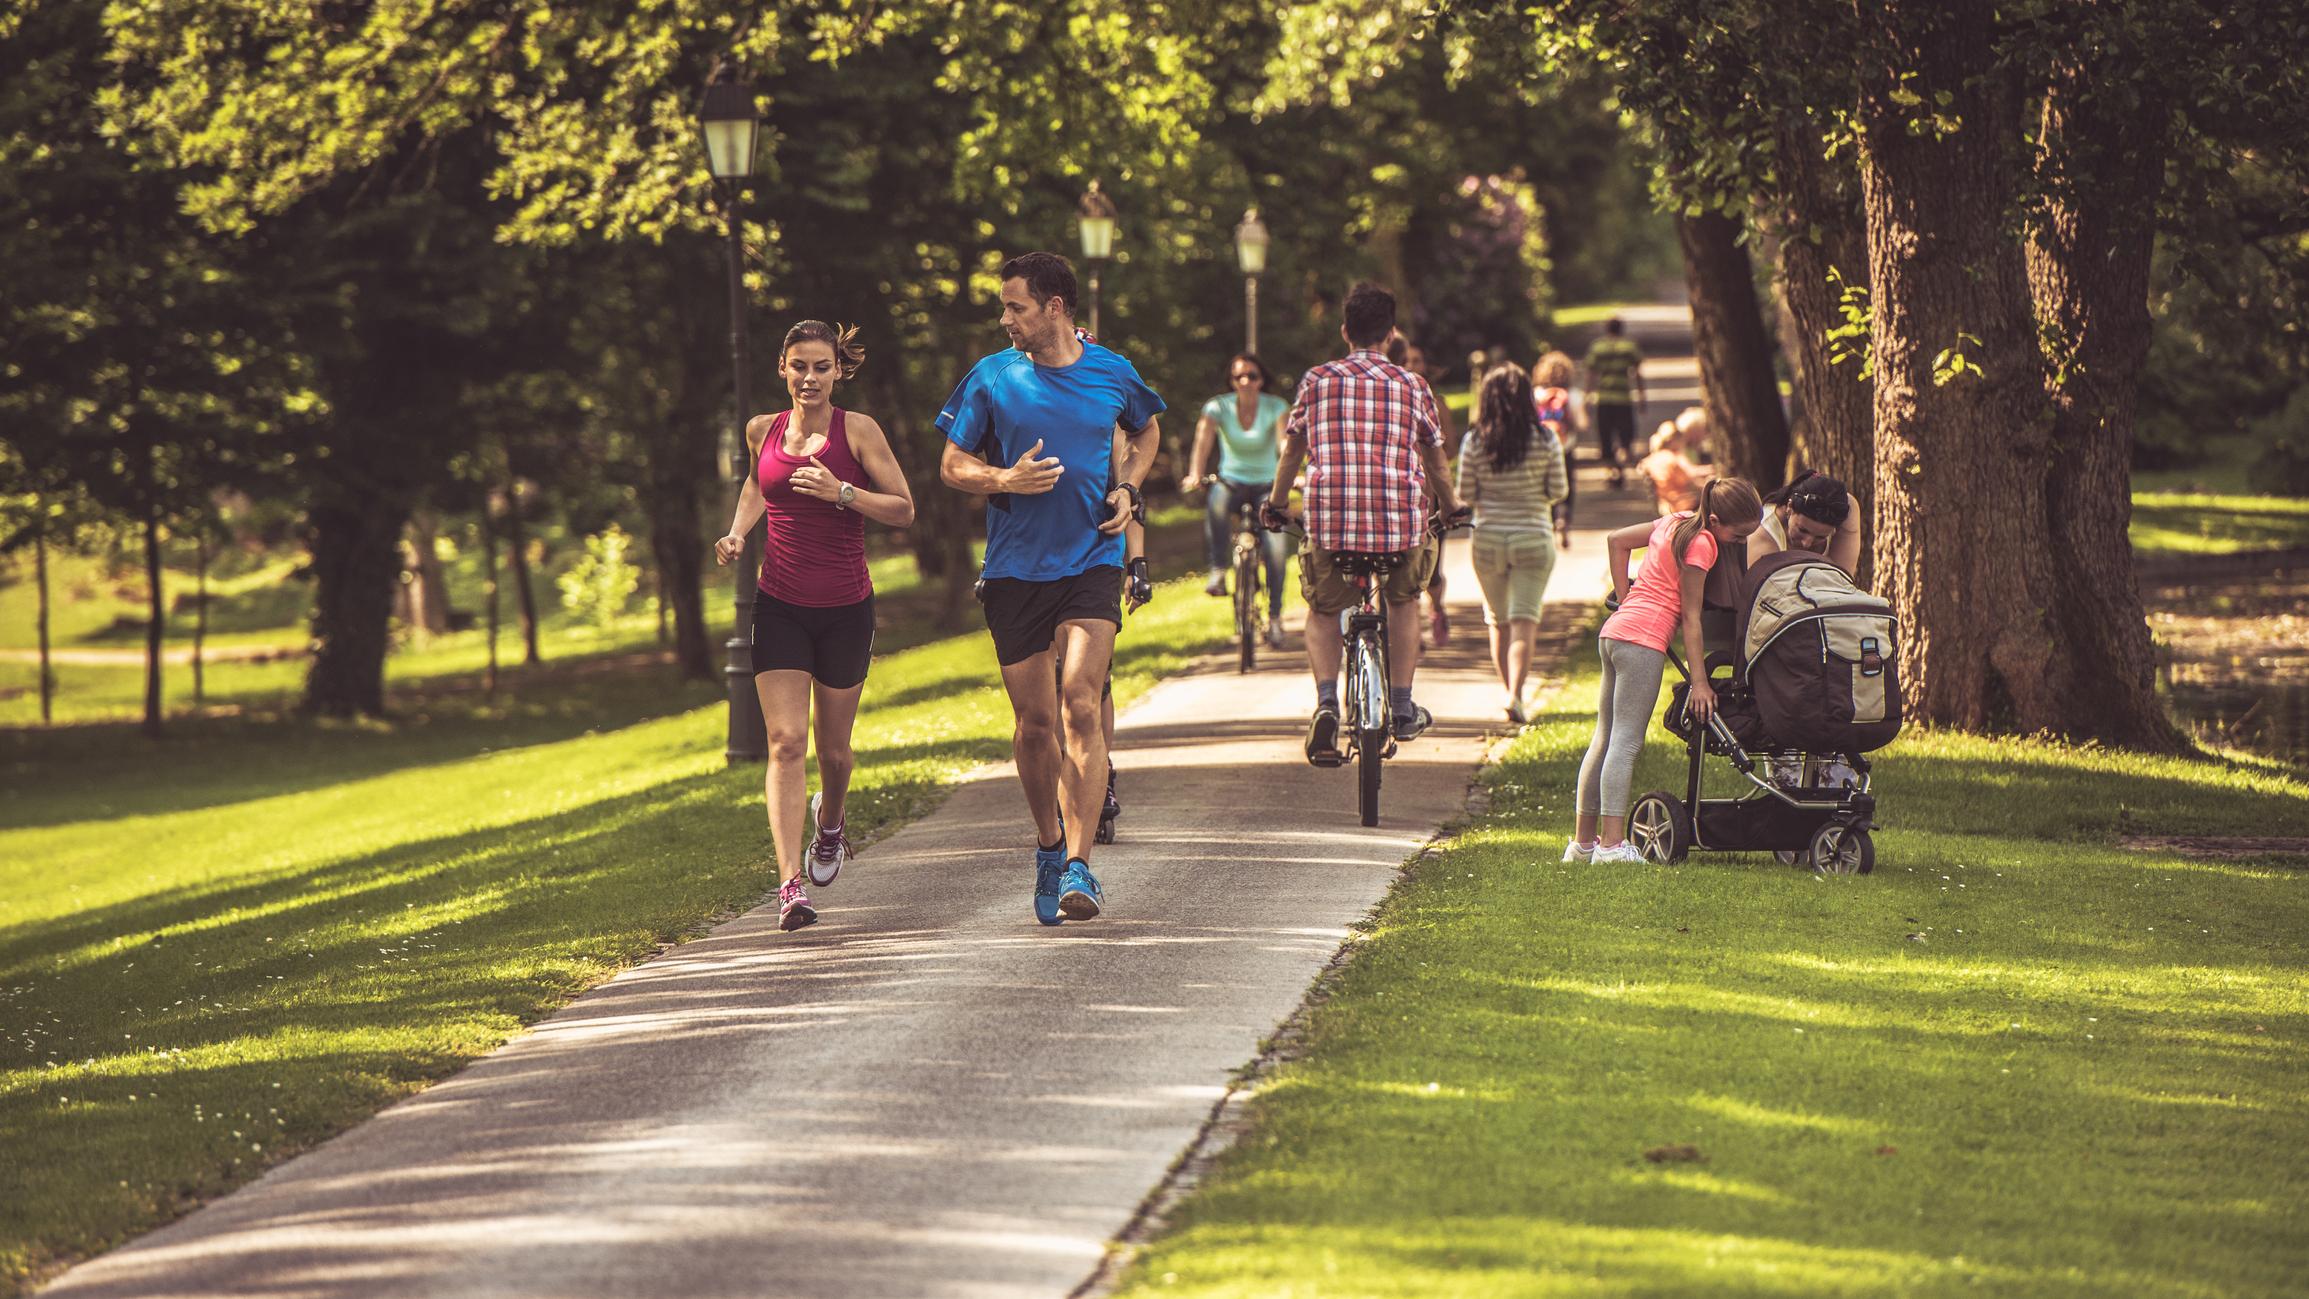 фото людей в парке окончании